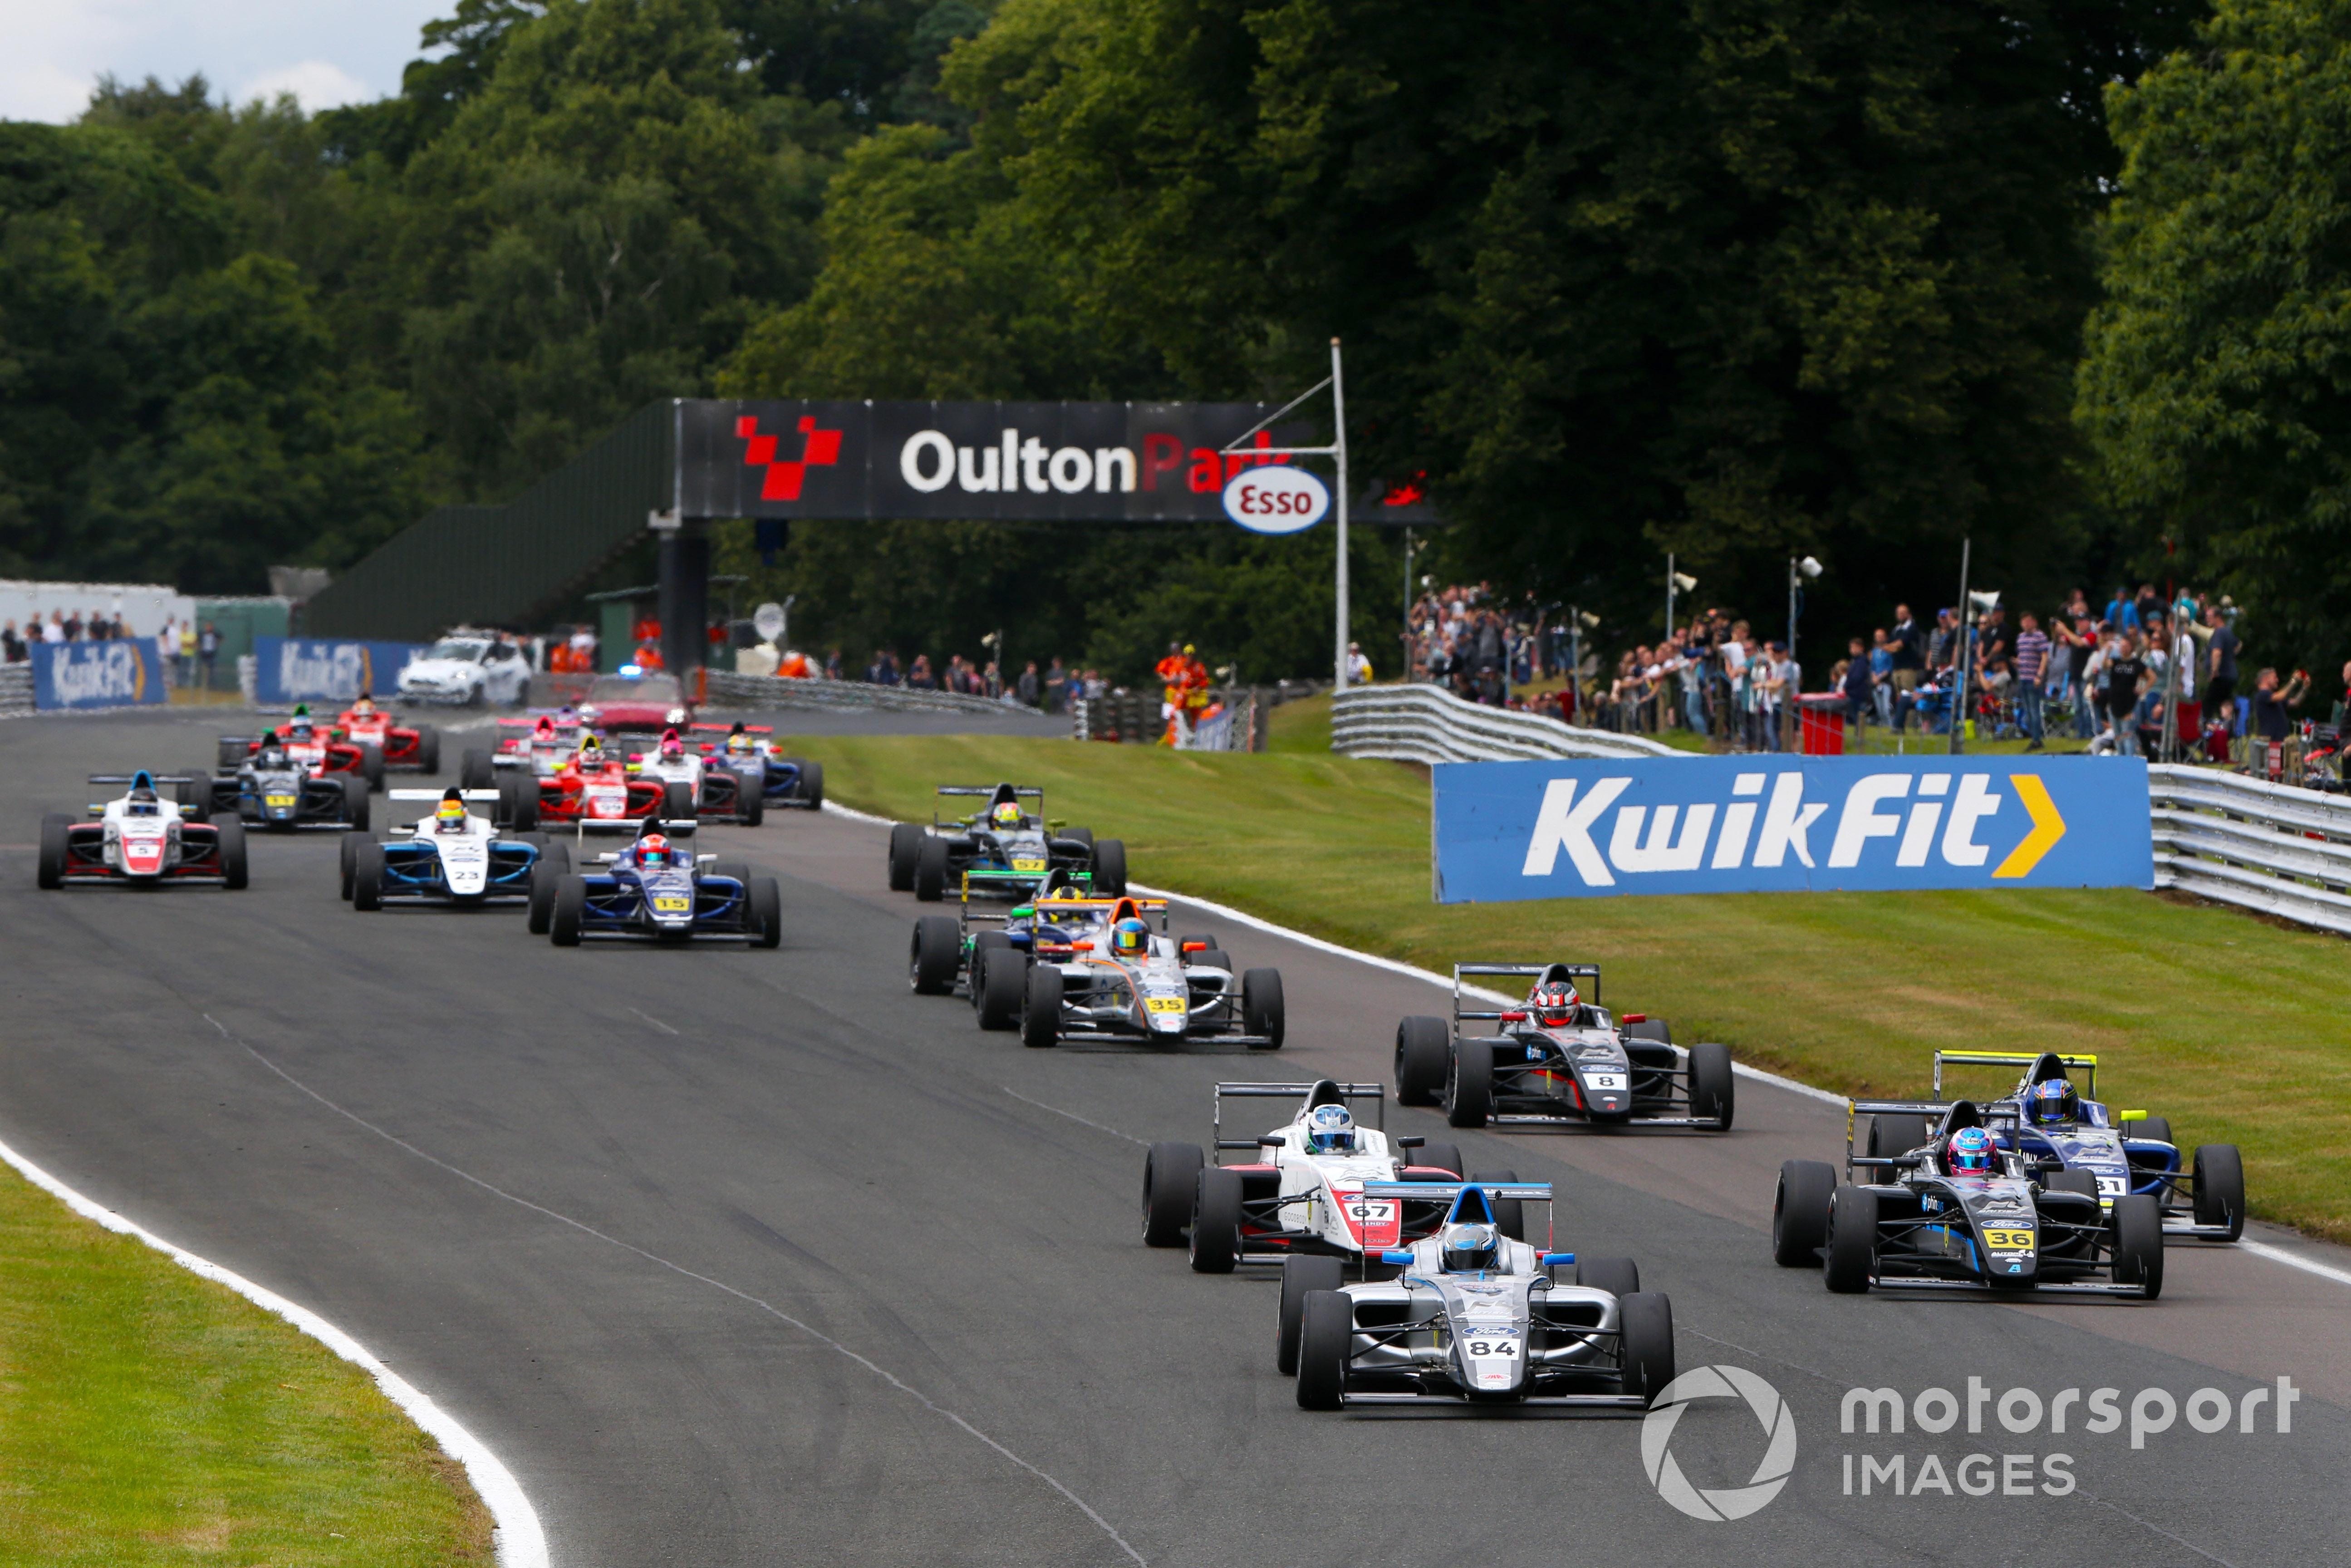 Joseph Loake, British F4, Oulton Park 2021